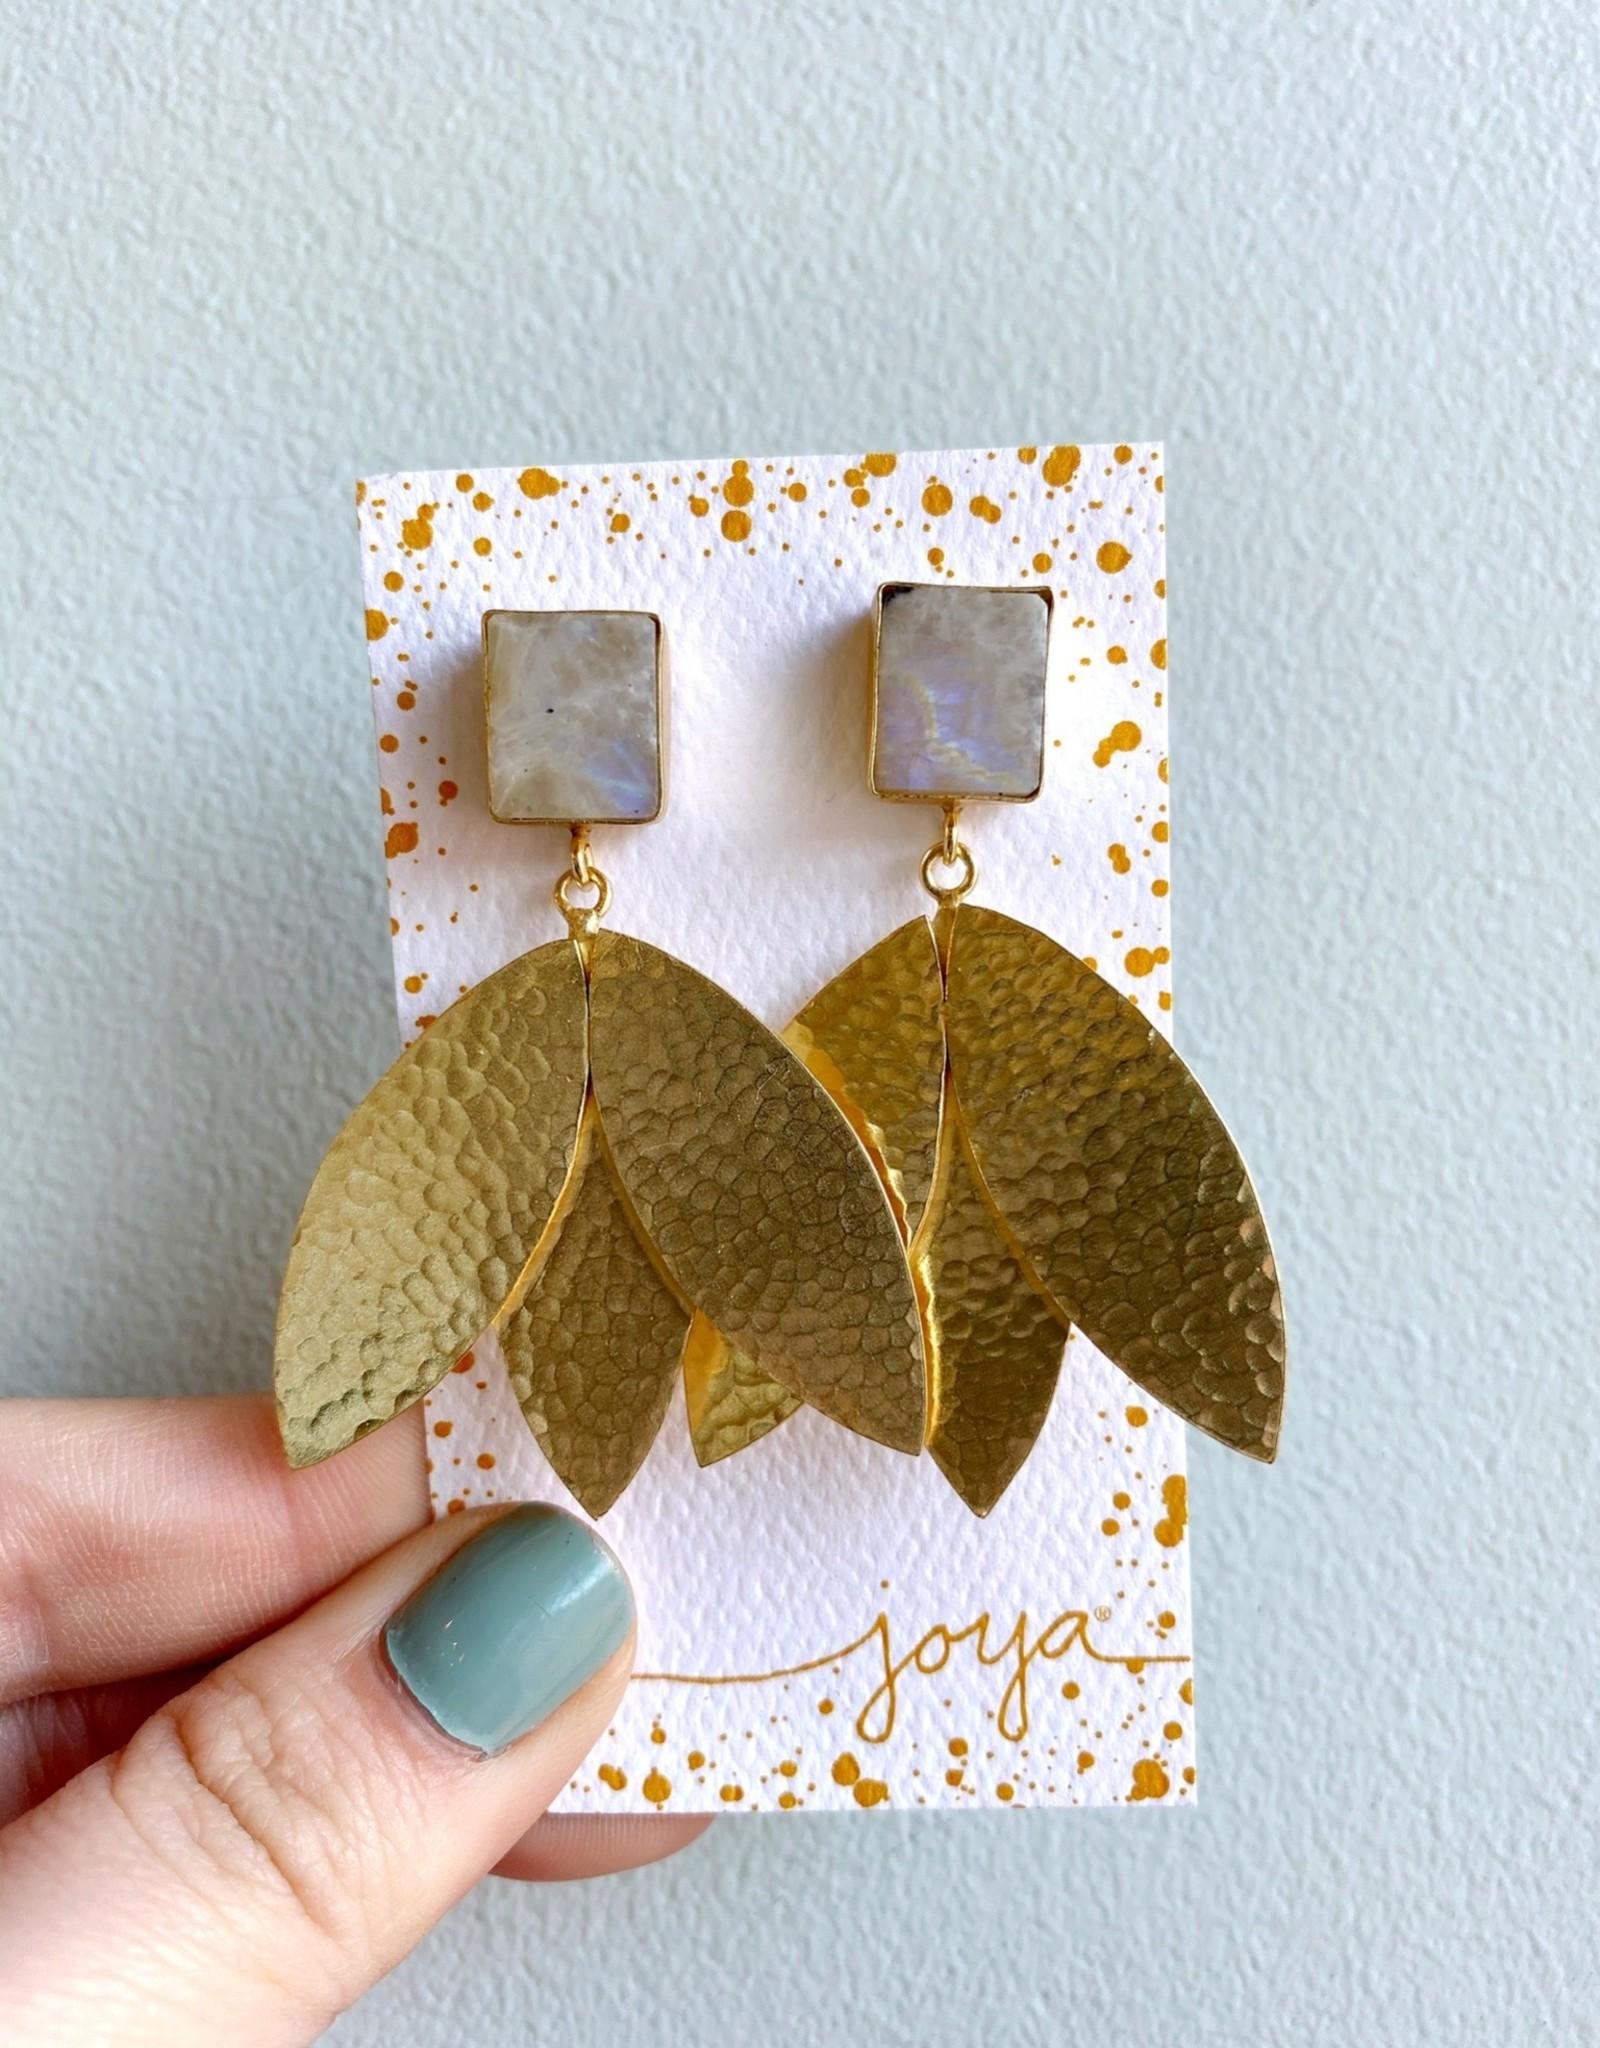 Joya Eden Earrings